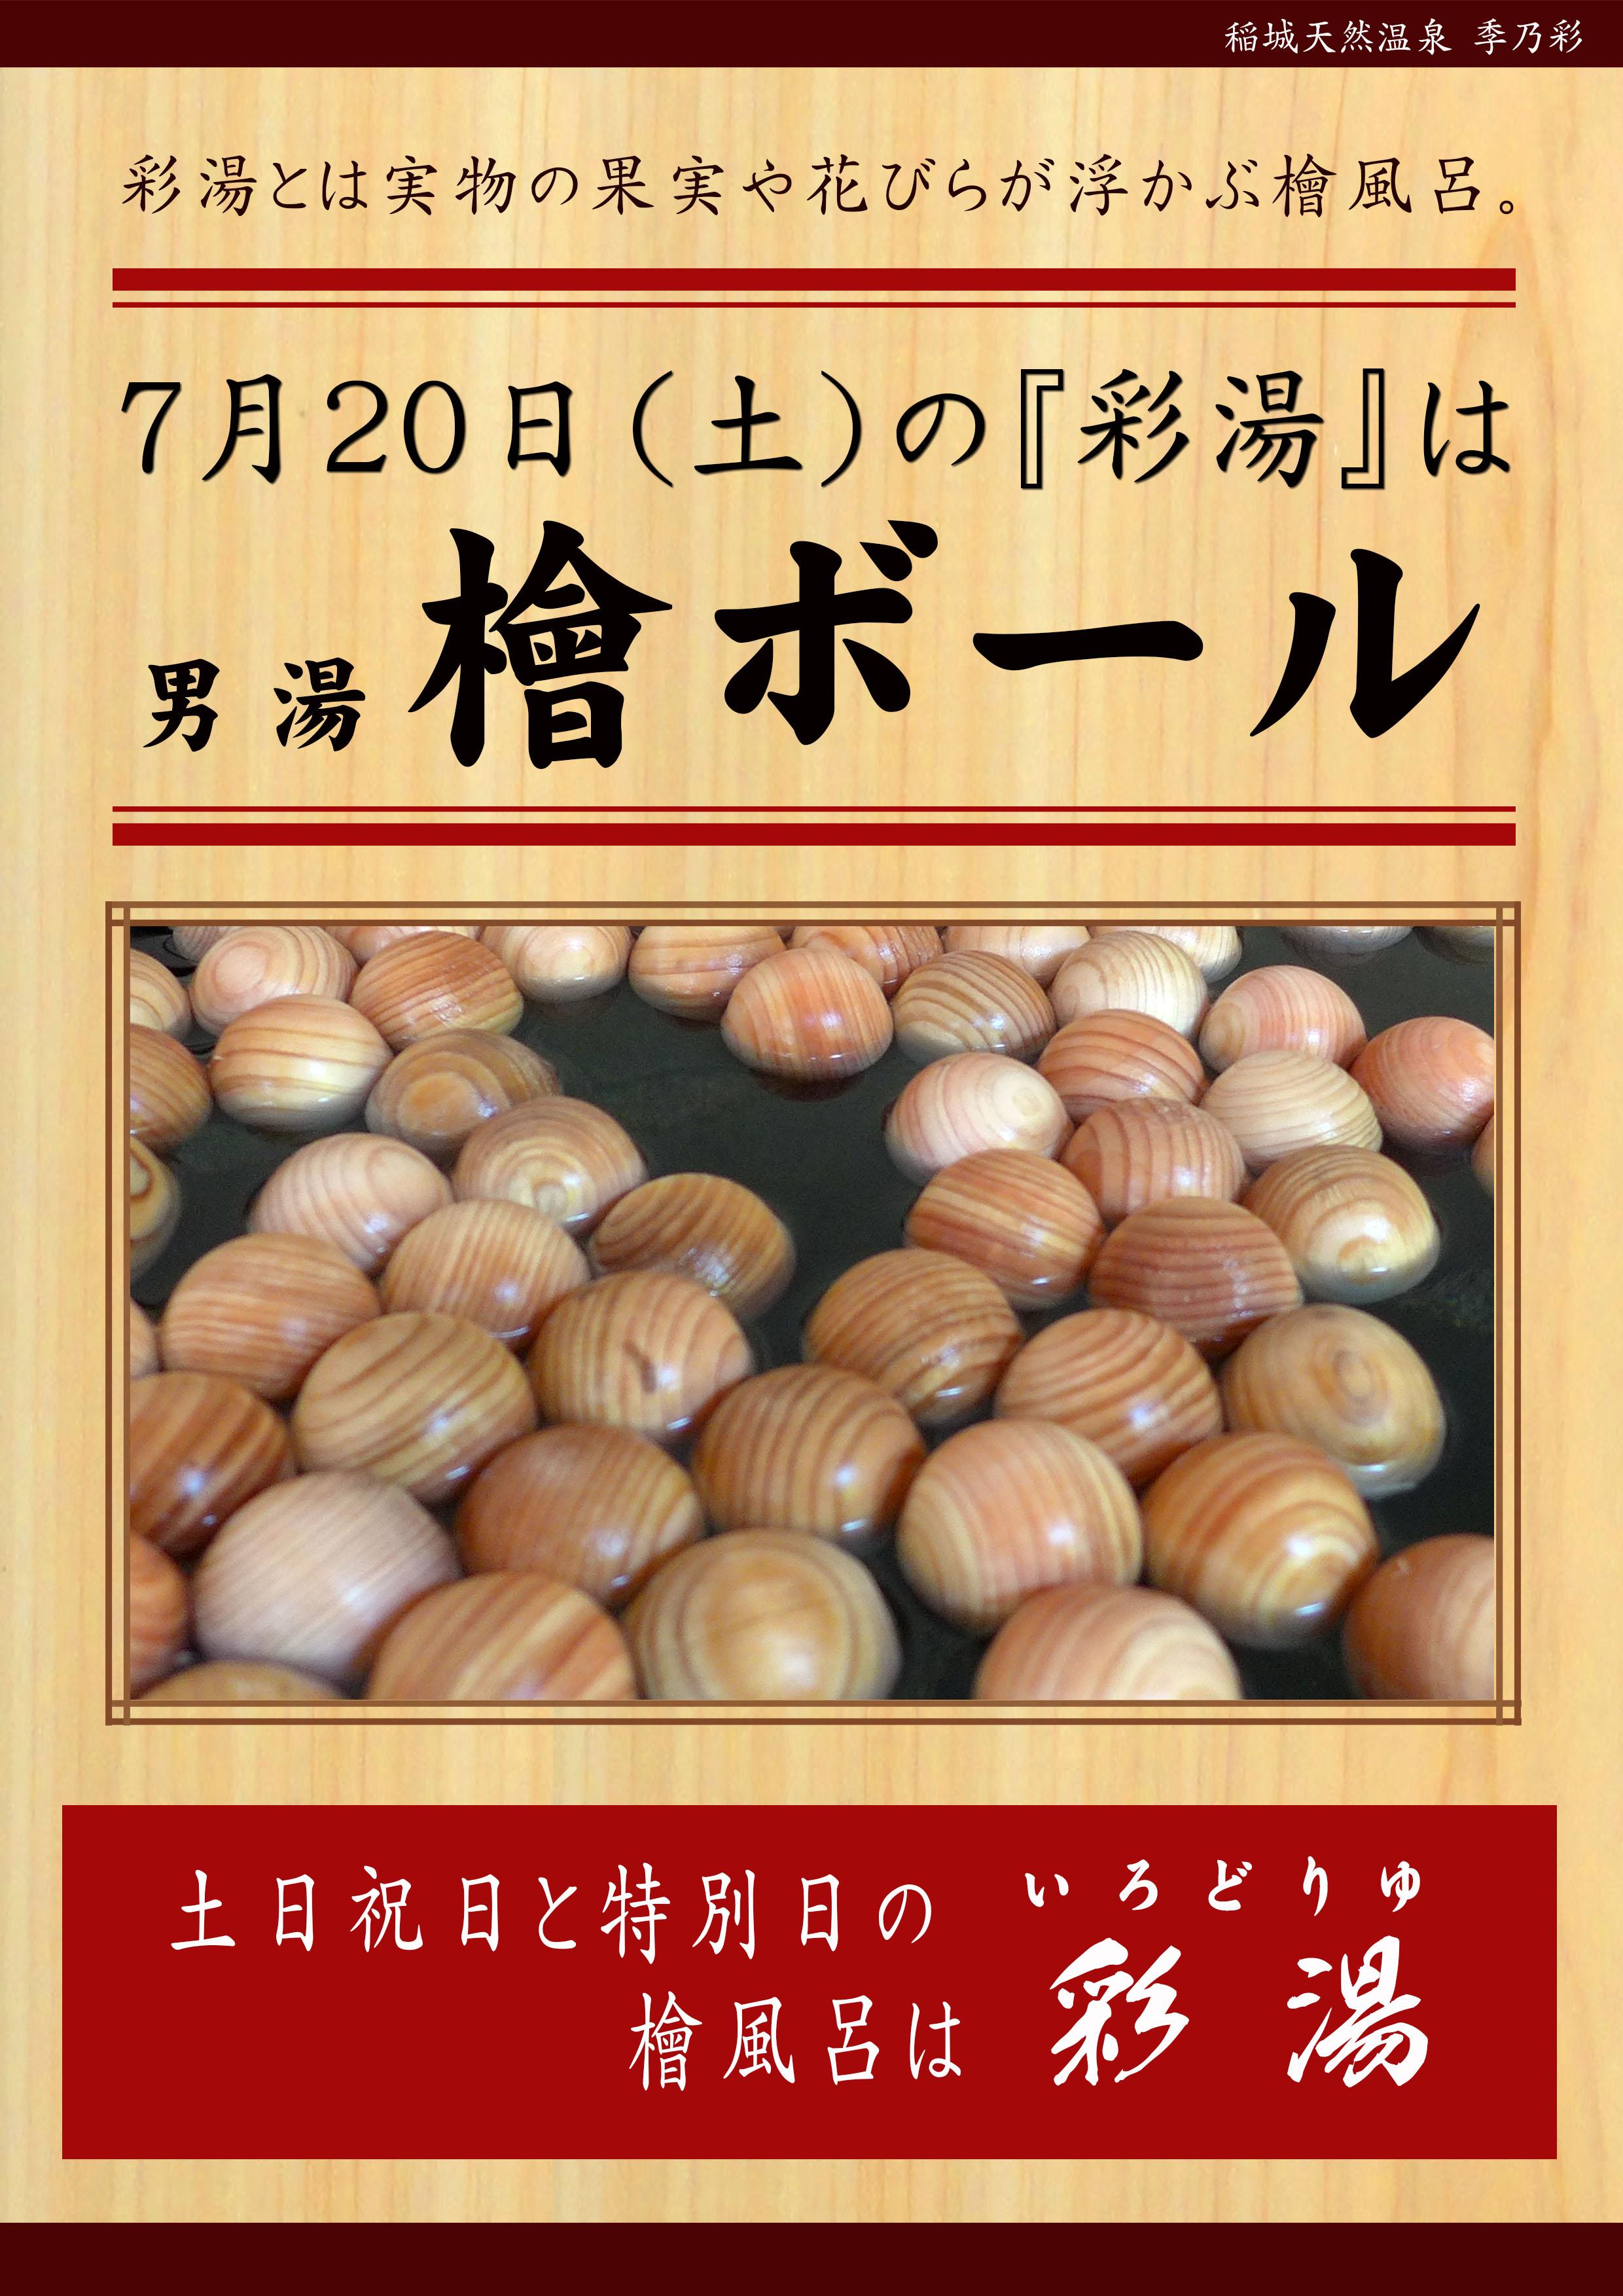 190720 彩湯 男湯 檜ボール